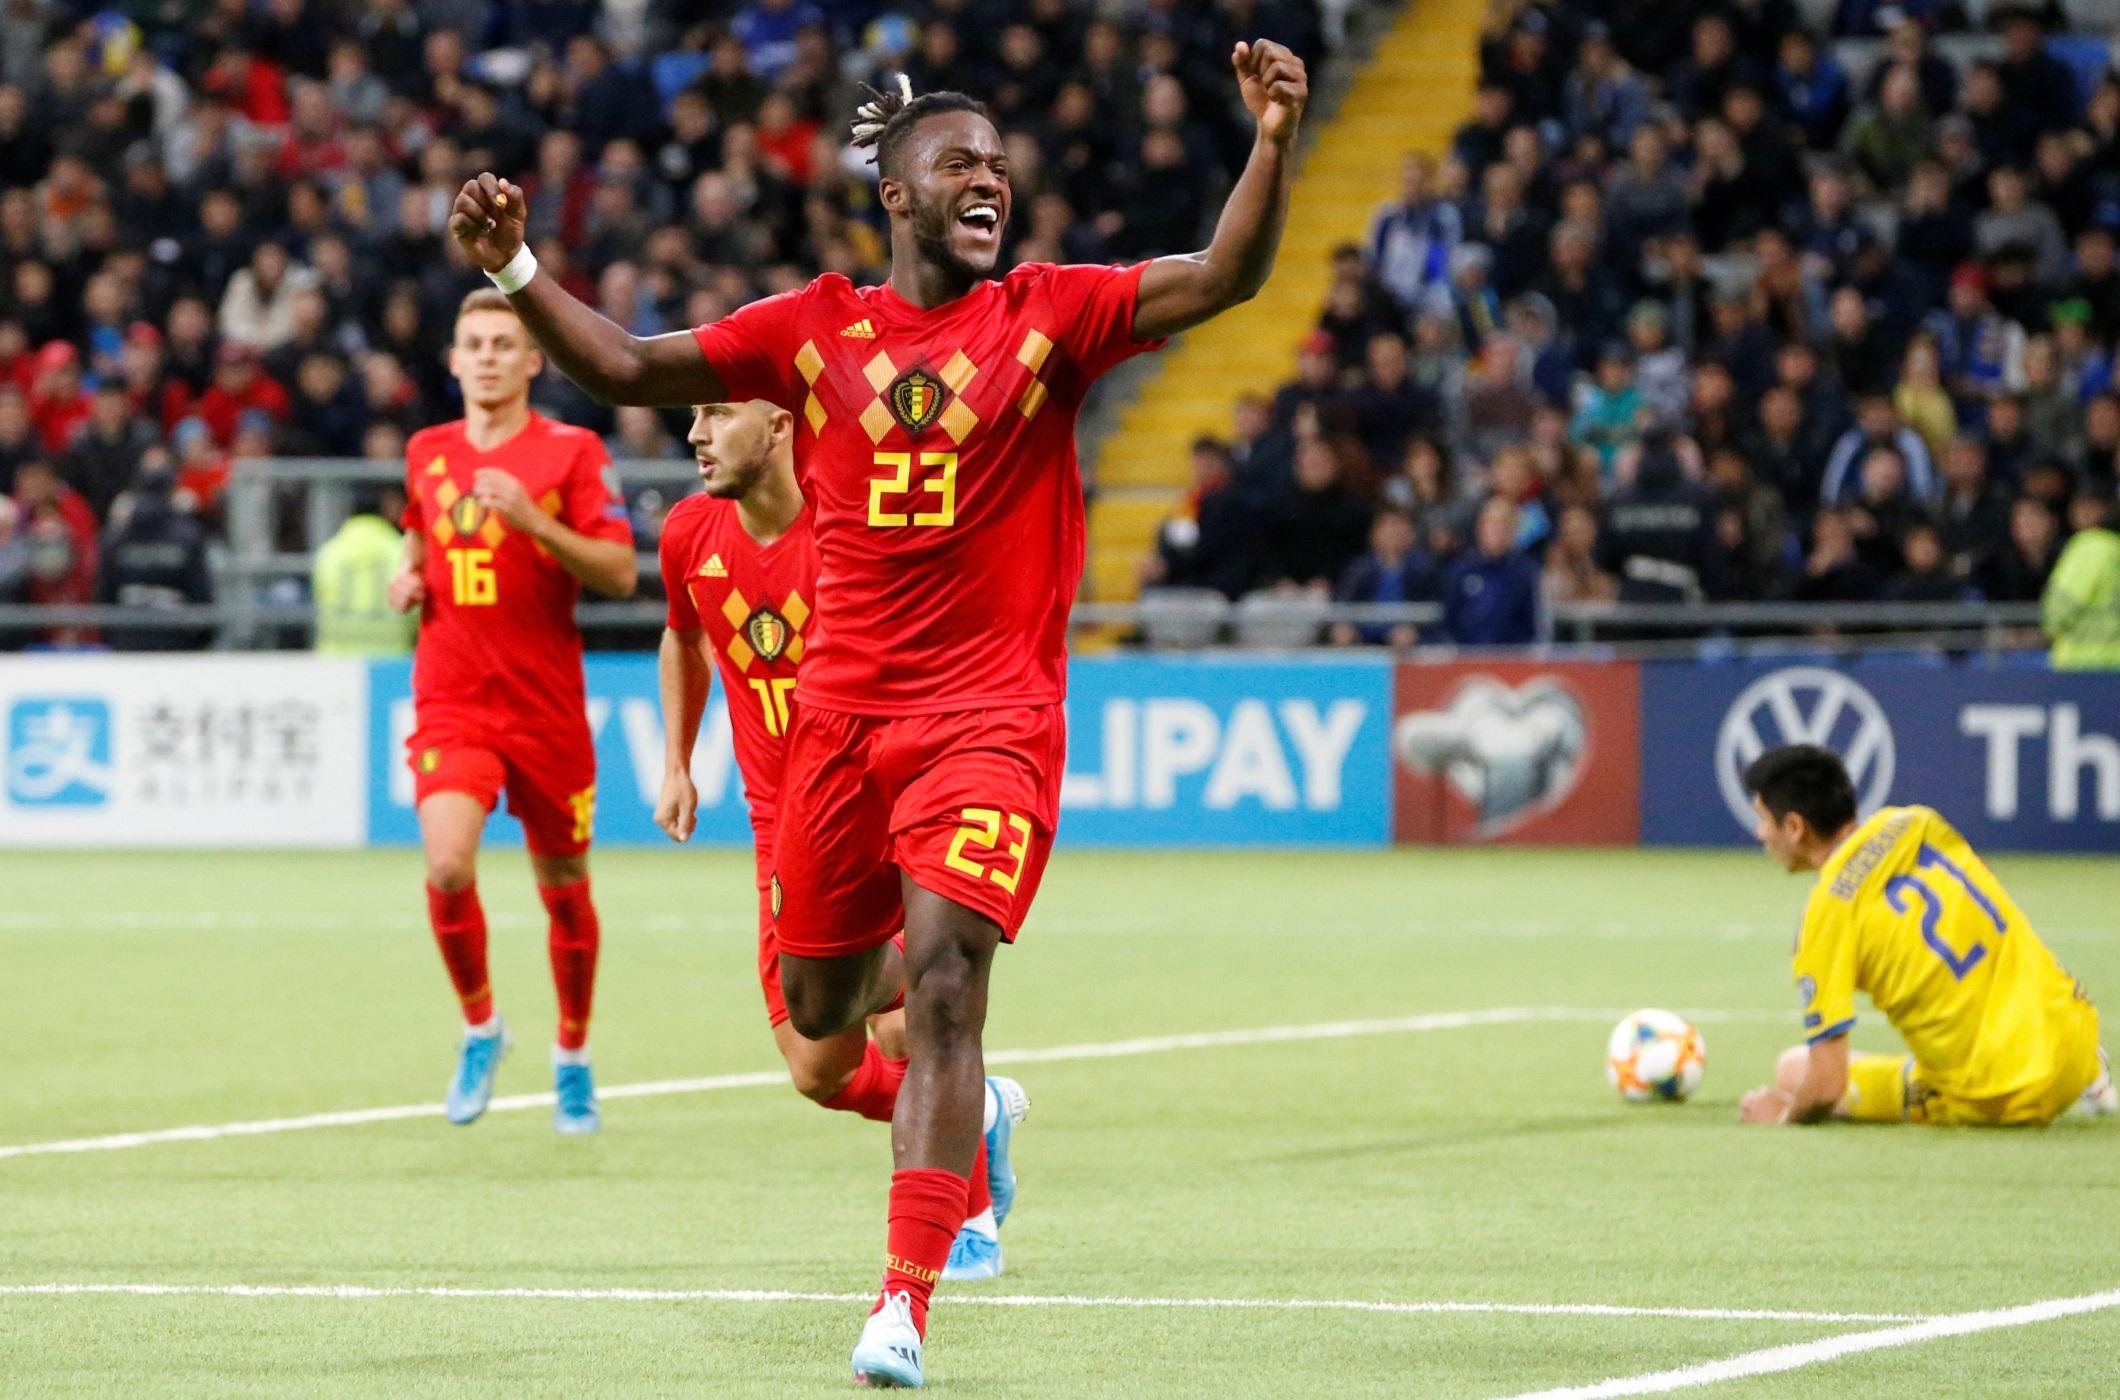 Προκριματικά Euro 2020: Το Βέλγιο δεν βρίσκει… αντίπαλο! video